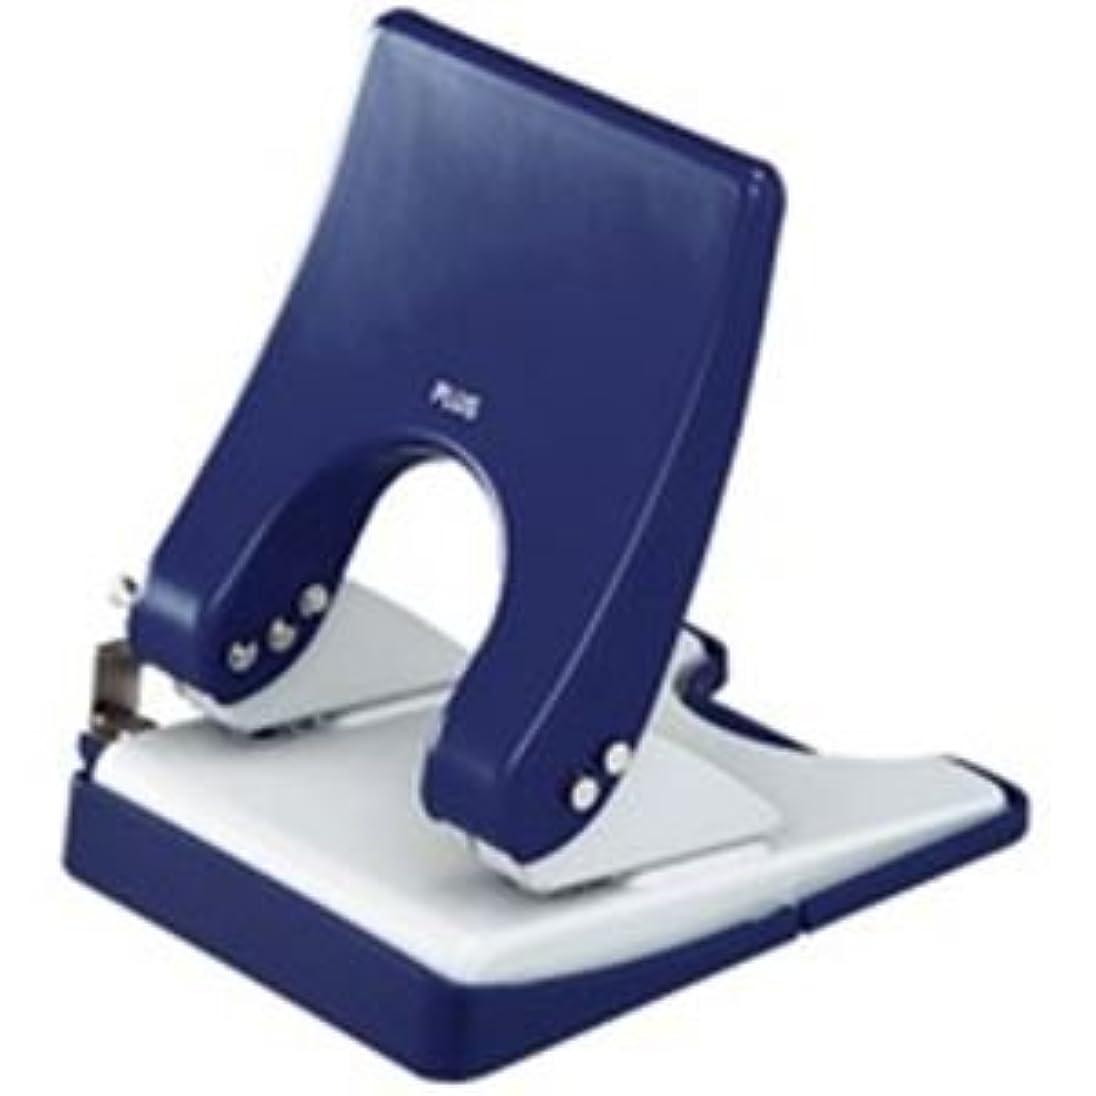 無横たわる無駄(業務用30セット) プラス パンチ フォース1/2 M PU-830A 青